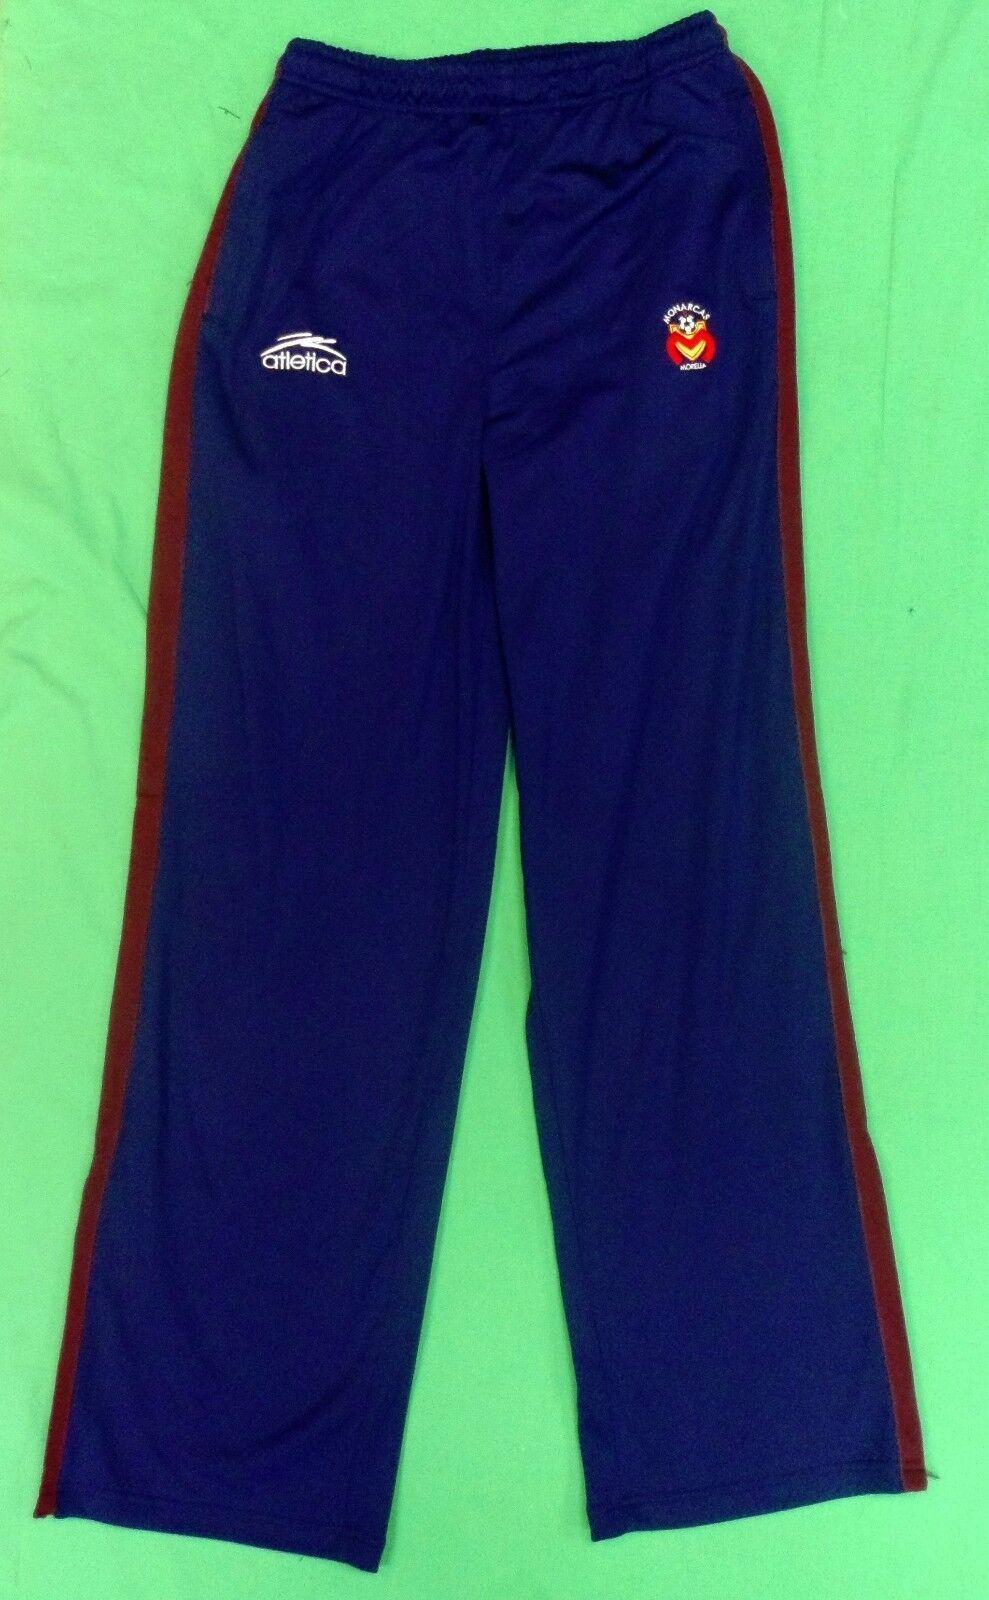 Official Licensed Atletica Pants de Viaje Morelia Coloreeee Coloreeee Coloreeee Burgundy c52663